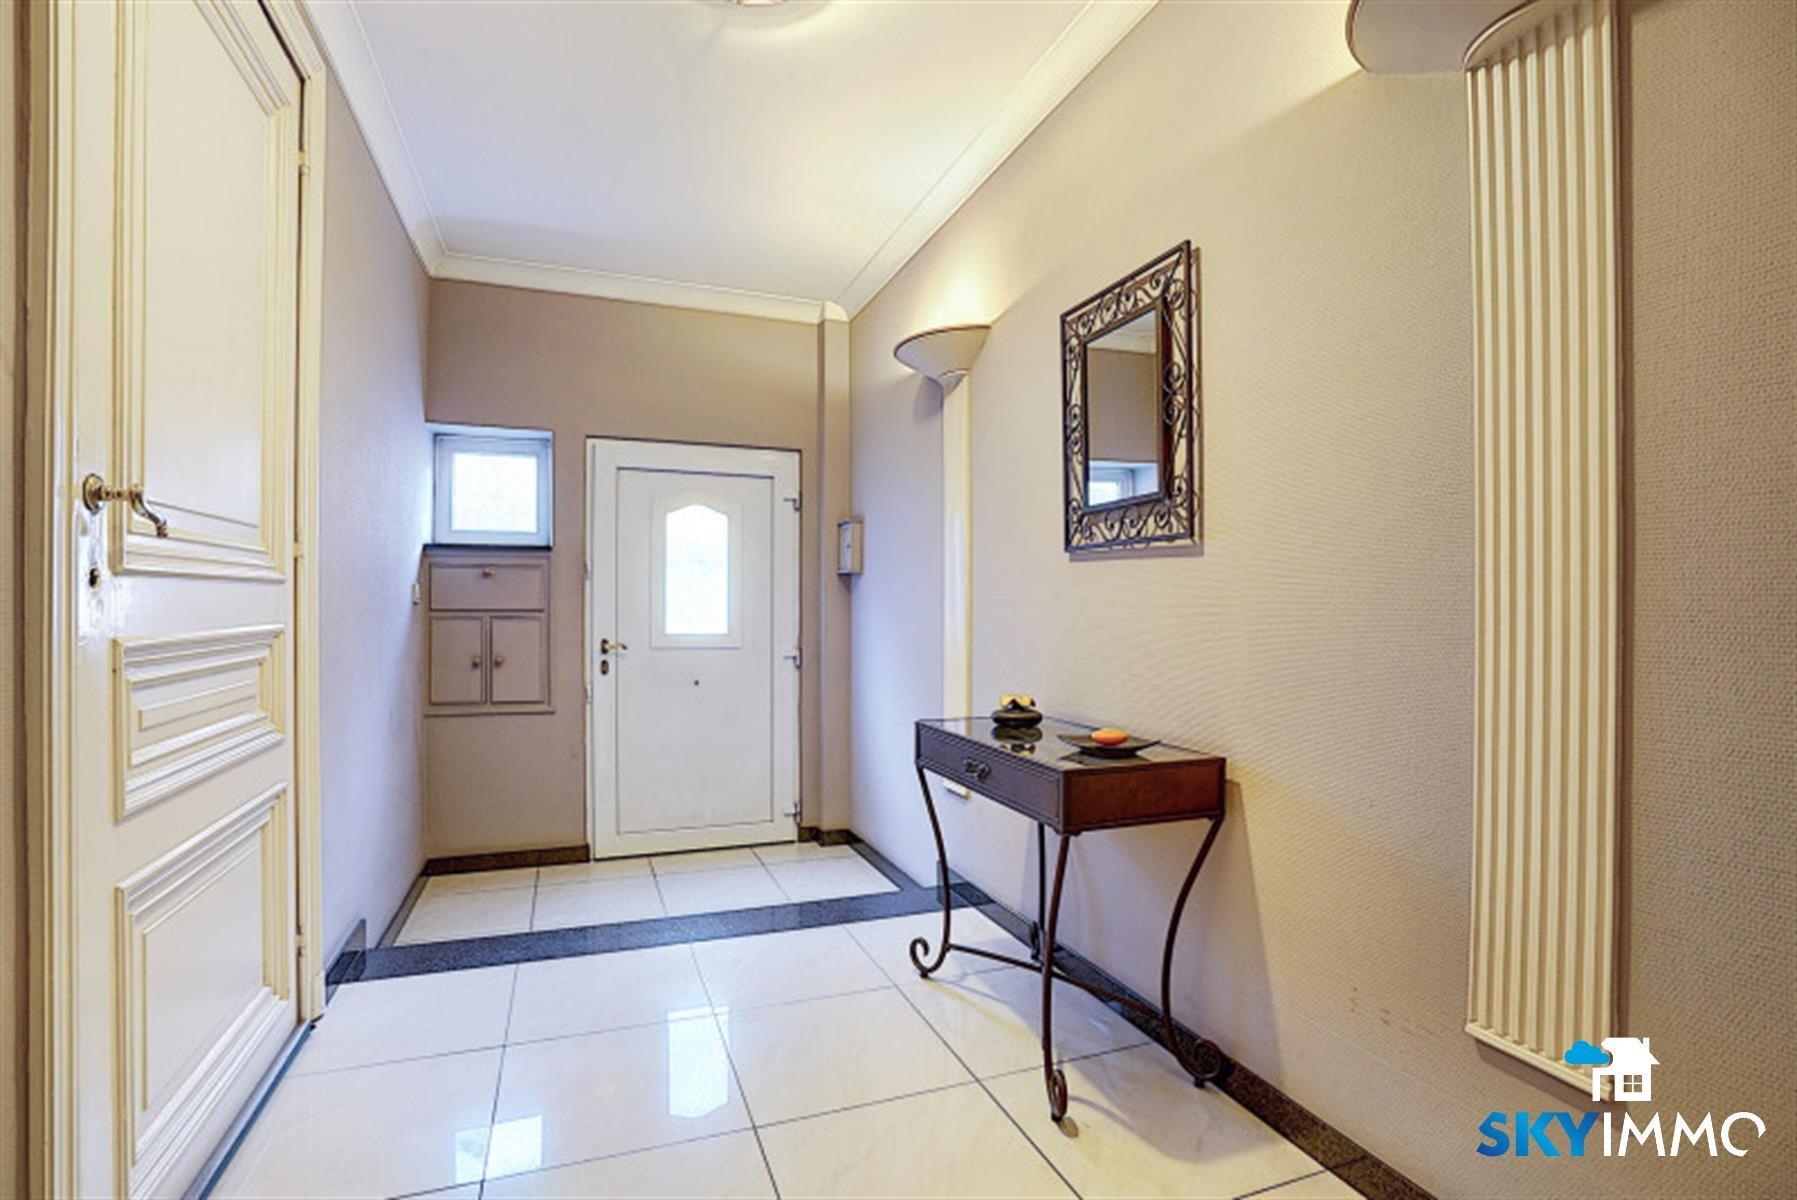 Maison - Liège - #4245744-6